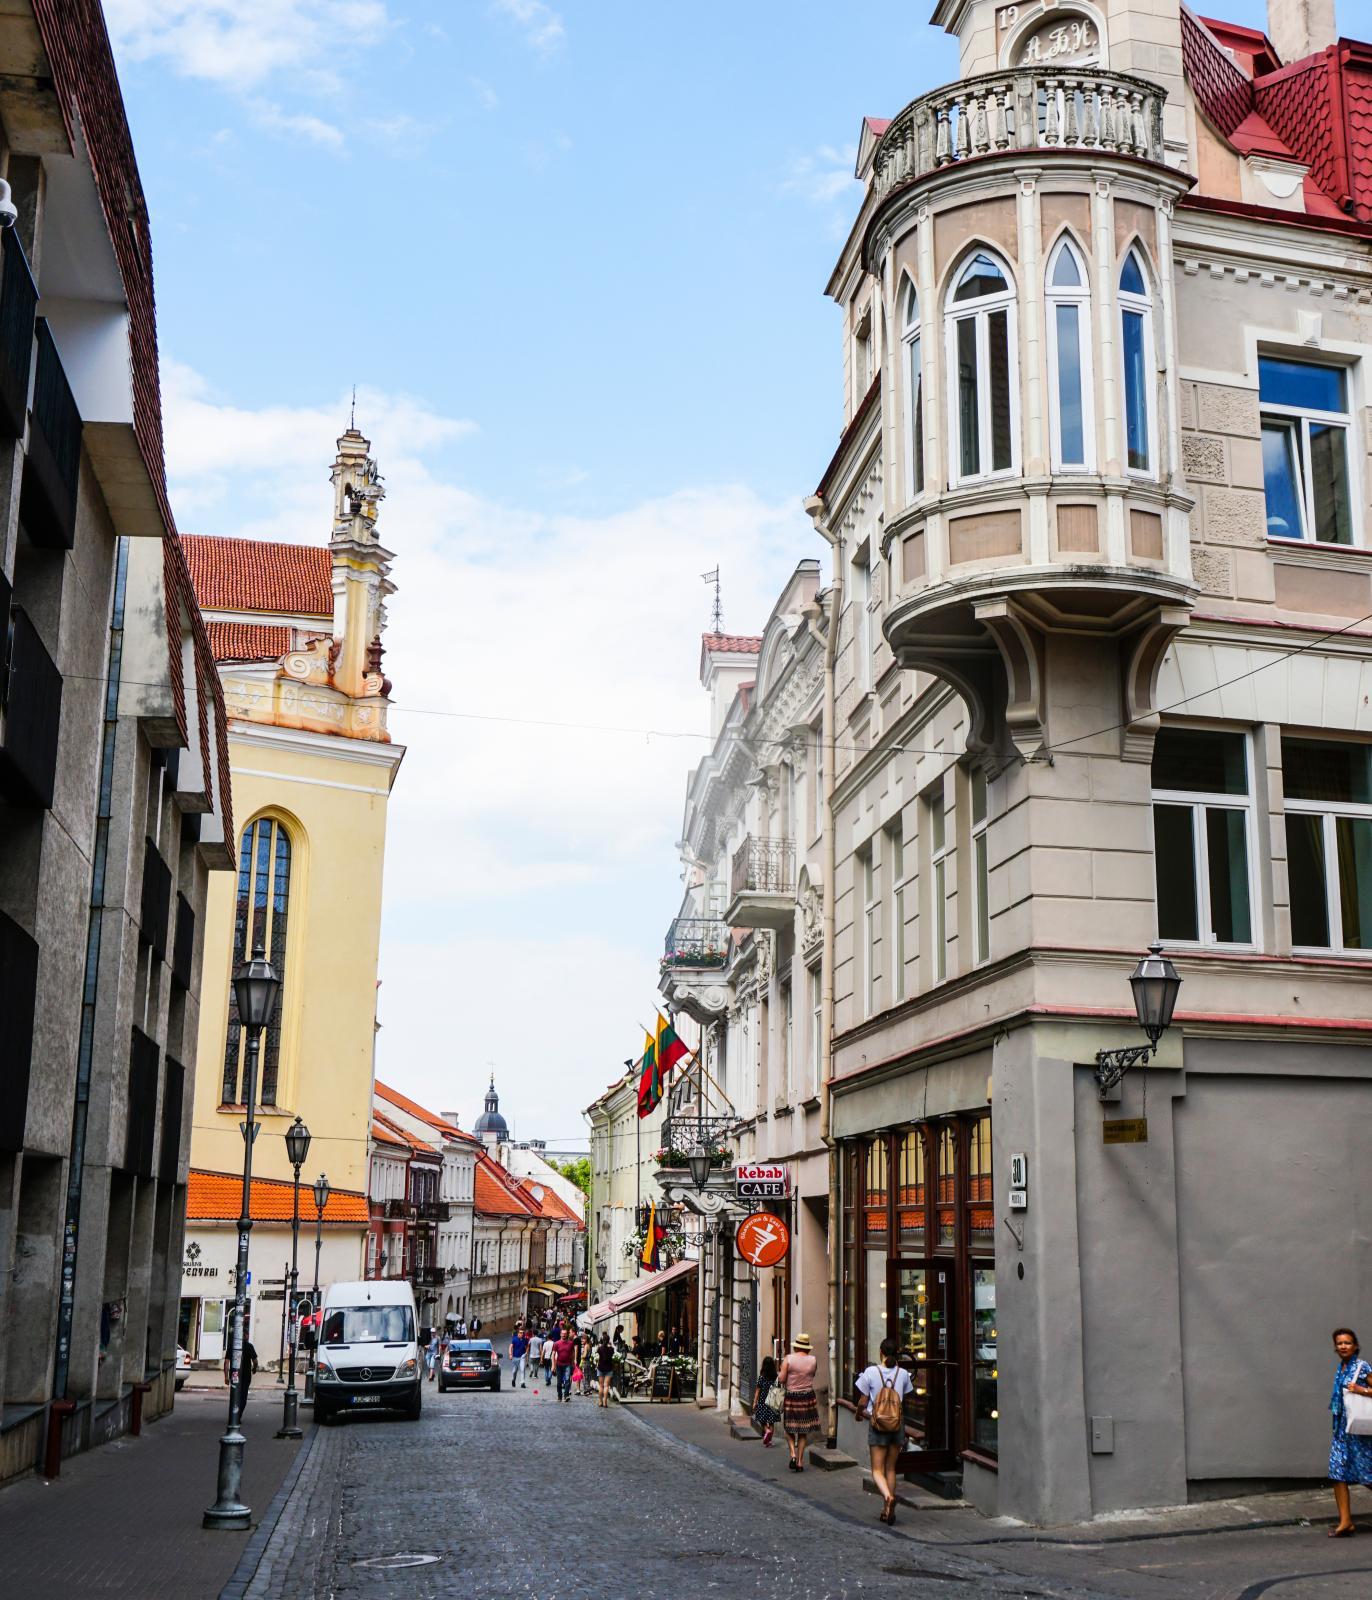 Gamla stan i Vilnius är härlig att upptäcka till fots med mängder av glest trafikerade smågator. Inte mindre än 70 gator och 1500 byggnader att inspektera.